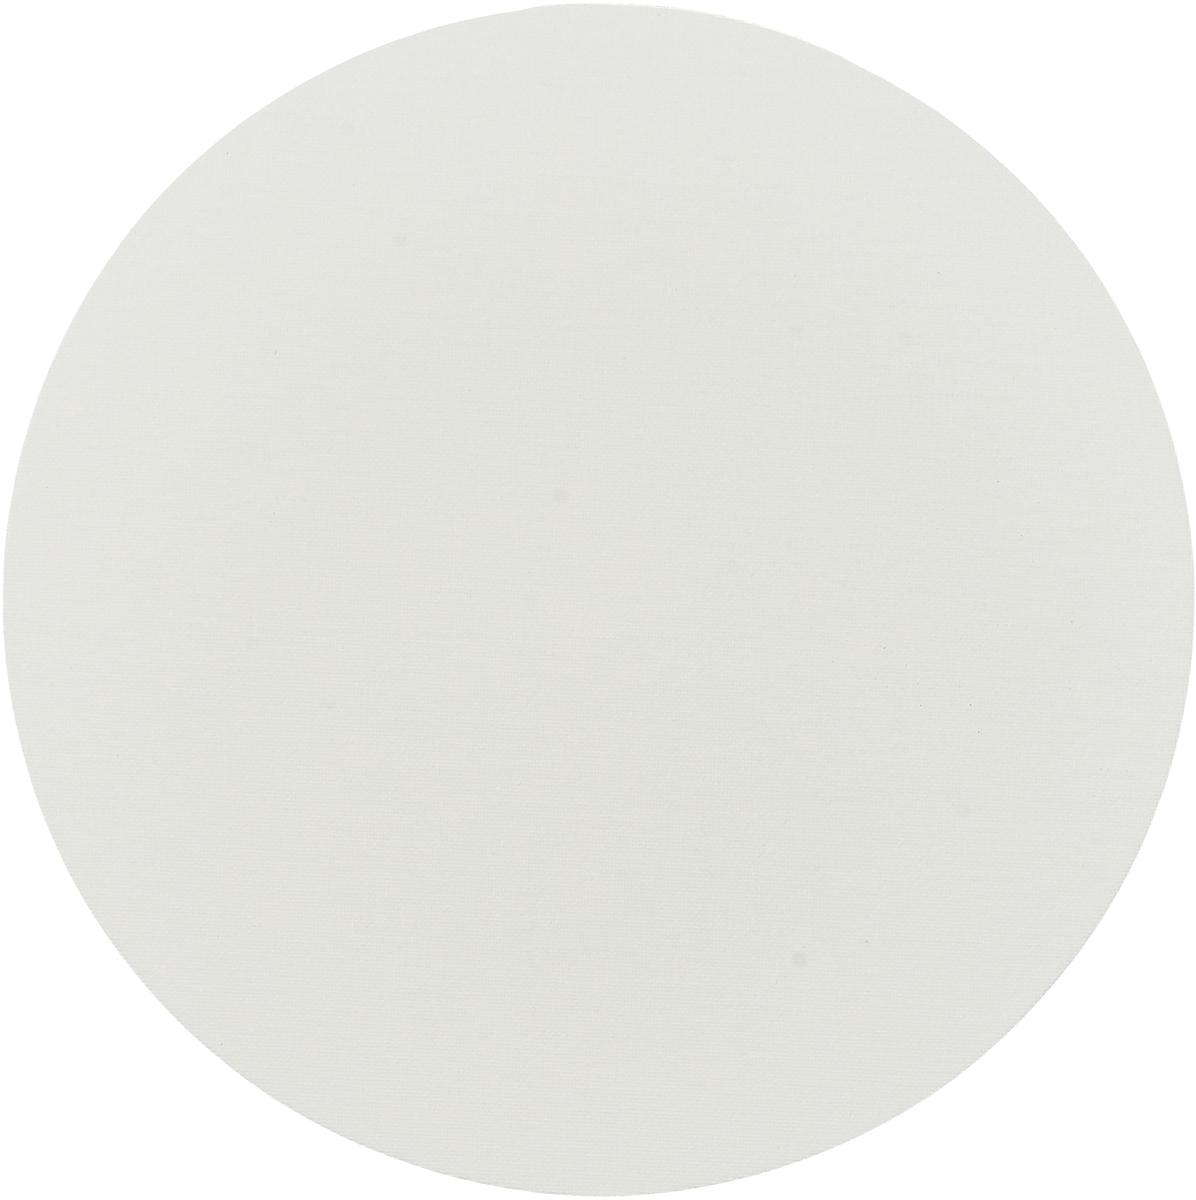 Холст на картоне Малевичъ, круглый, диаметр 30 см